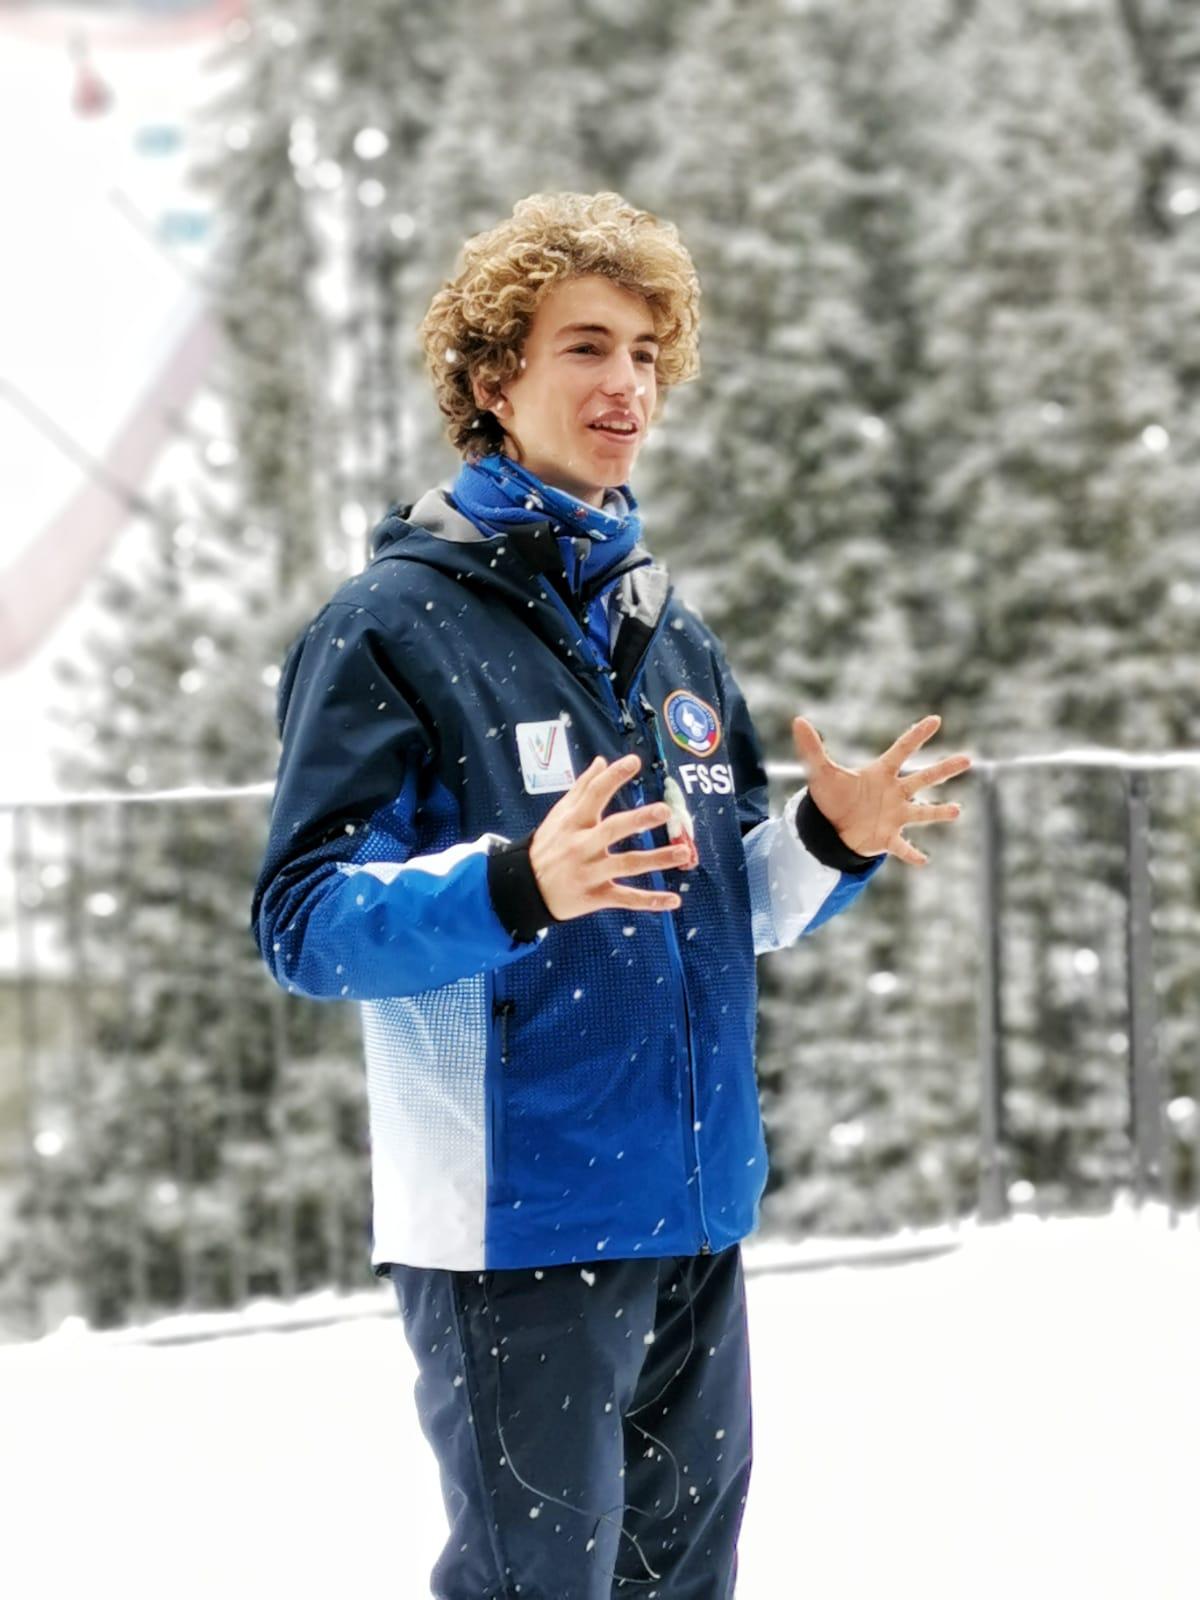 Luca Zennaro, il volto nuovo della FSSI nello Sci Alpino: domani il debutto del 15enne in Slalom Gigante